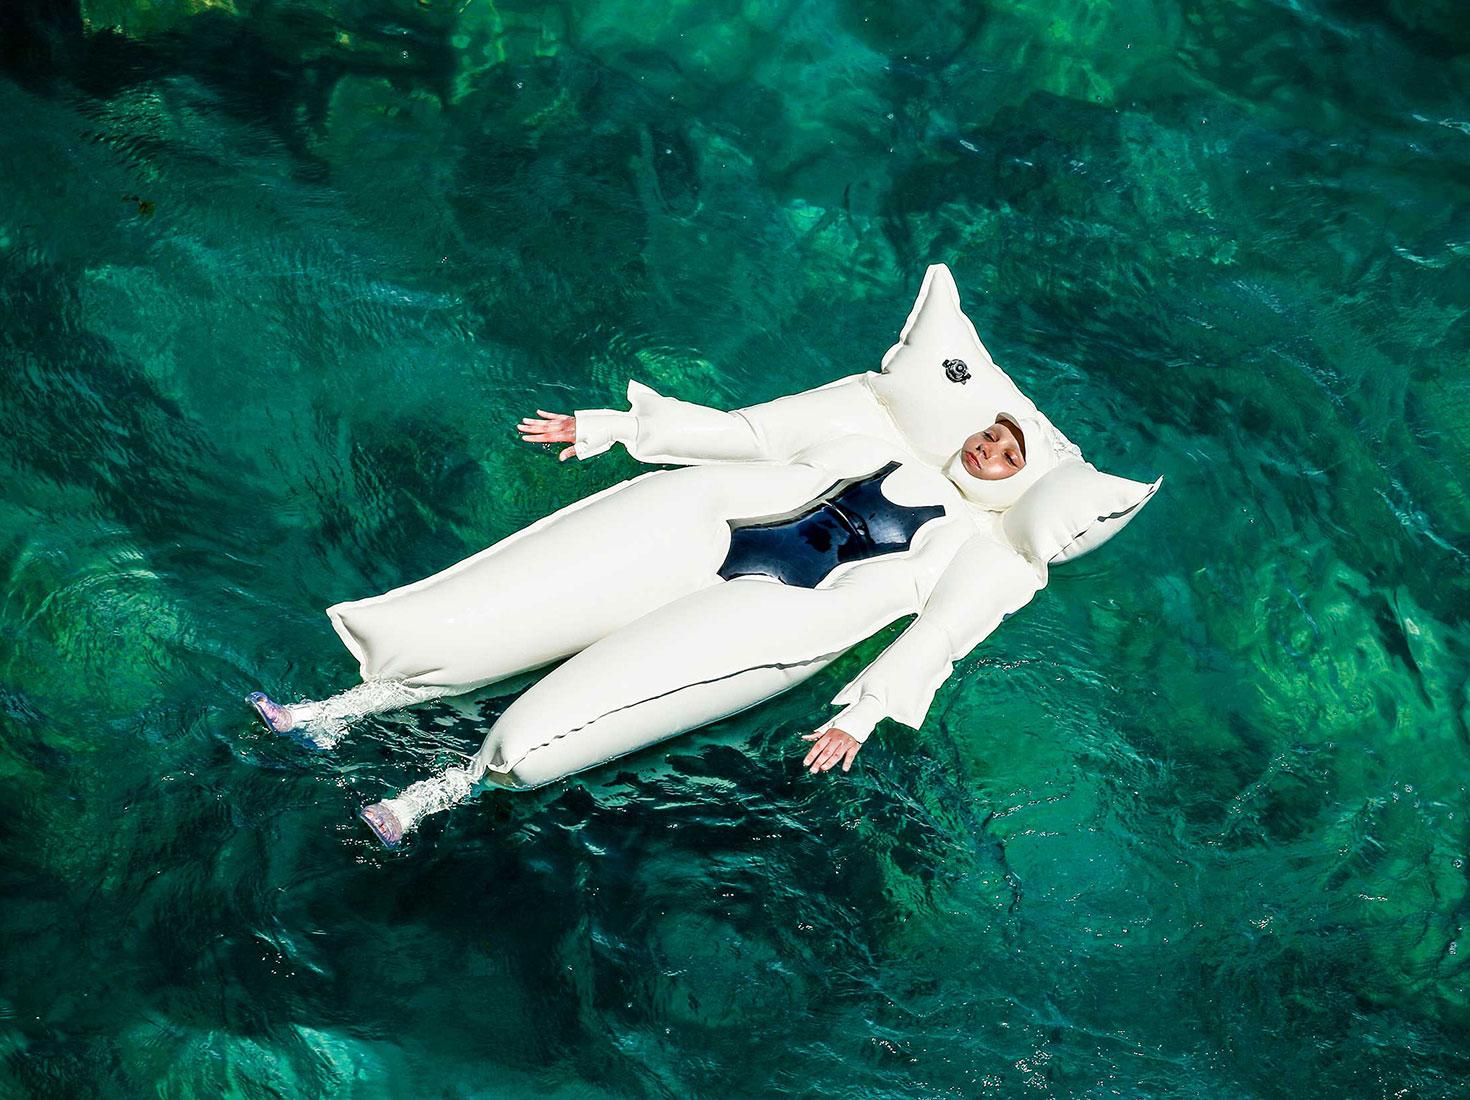 SiiGii / «S.A.D: Sun Allergy Diaries», надувной купальный костюм излатекста для отдыха наводе, который предназначен для людей саллергией насолнце / 2019